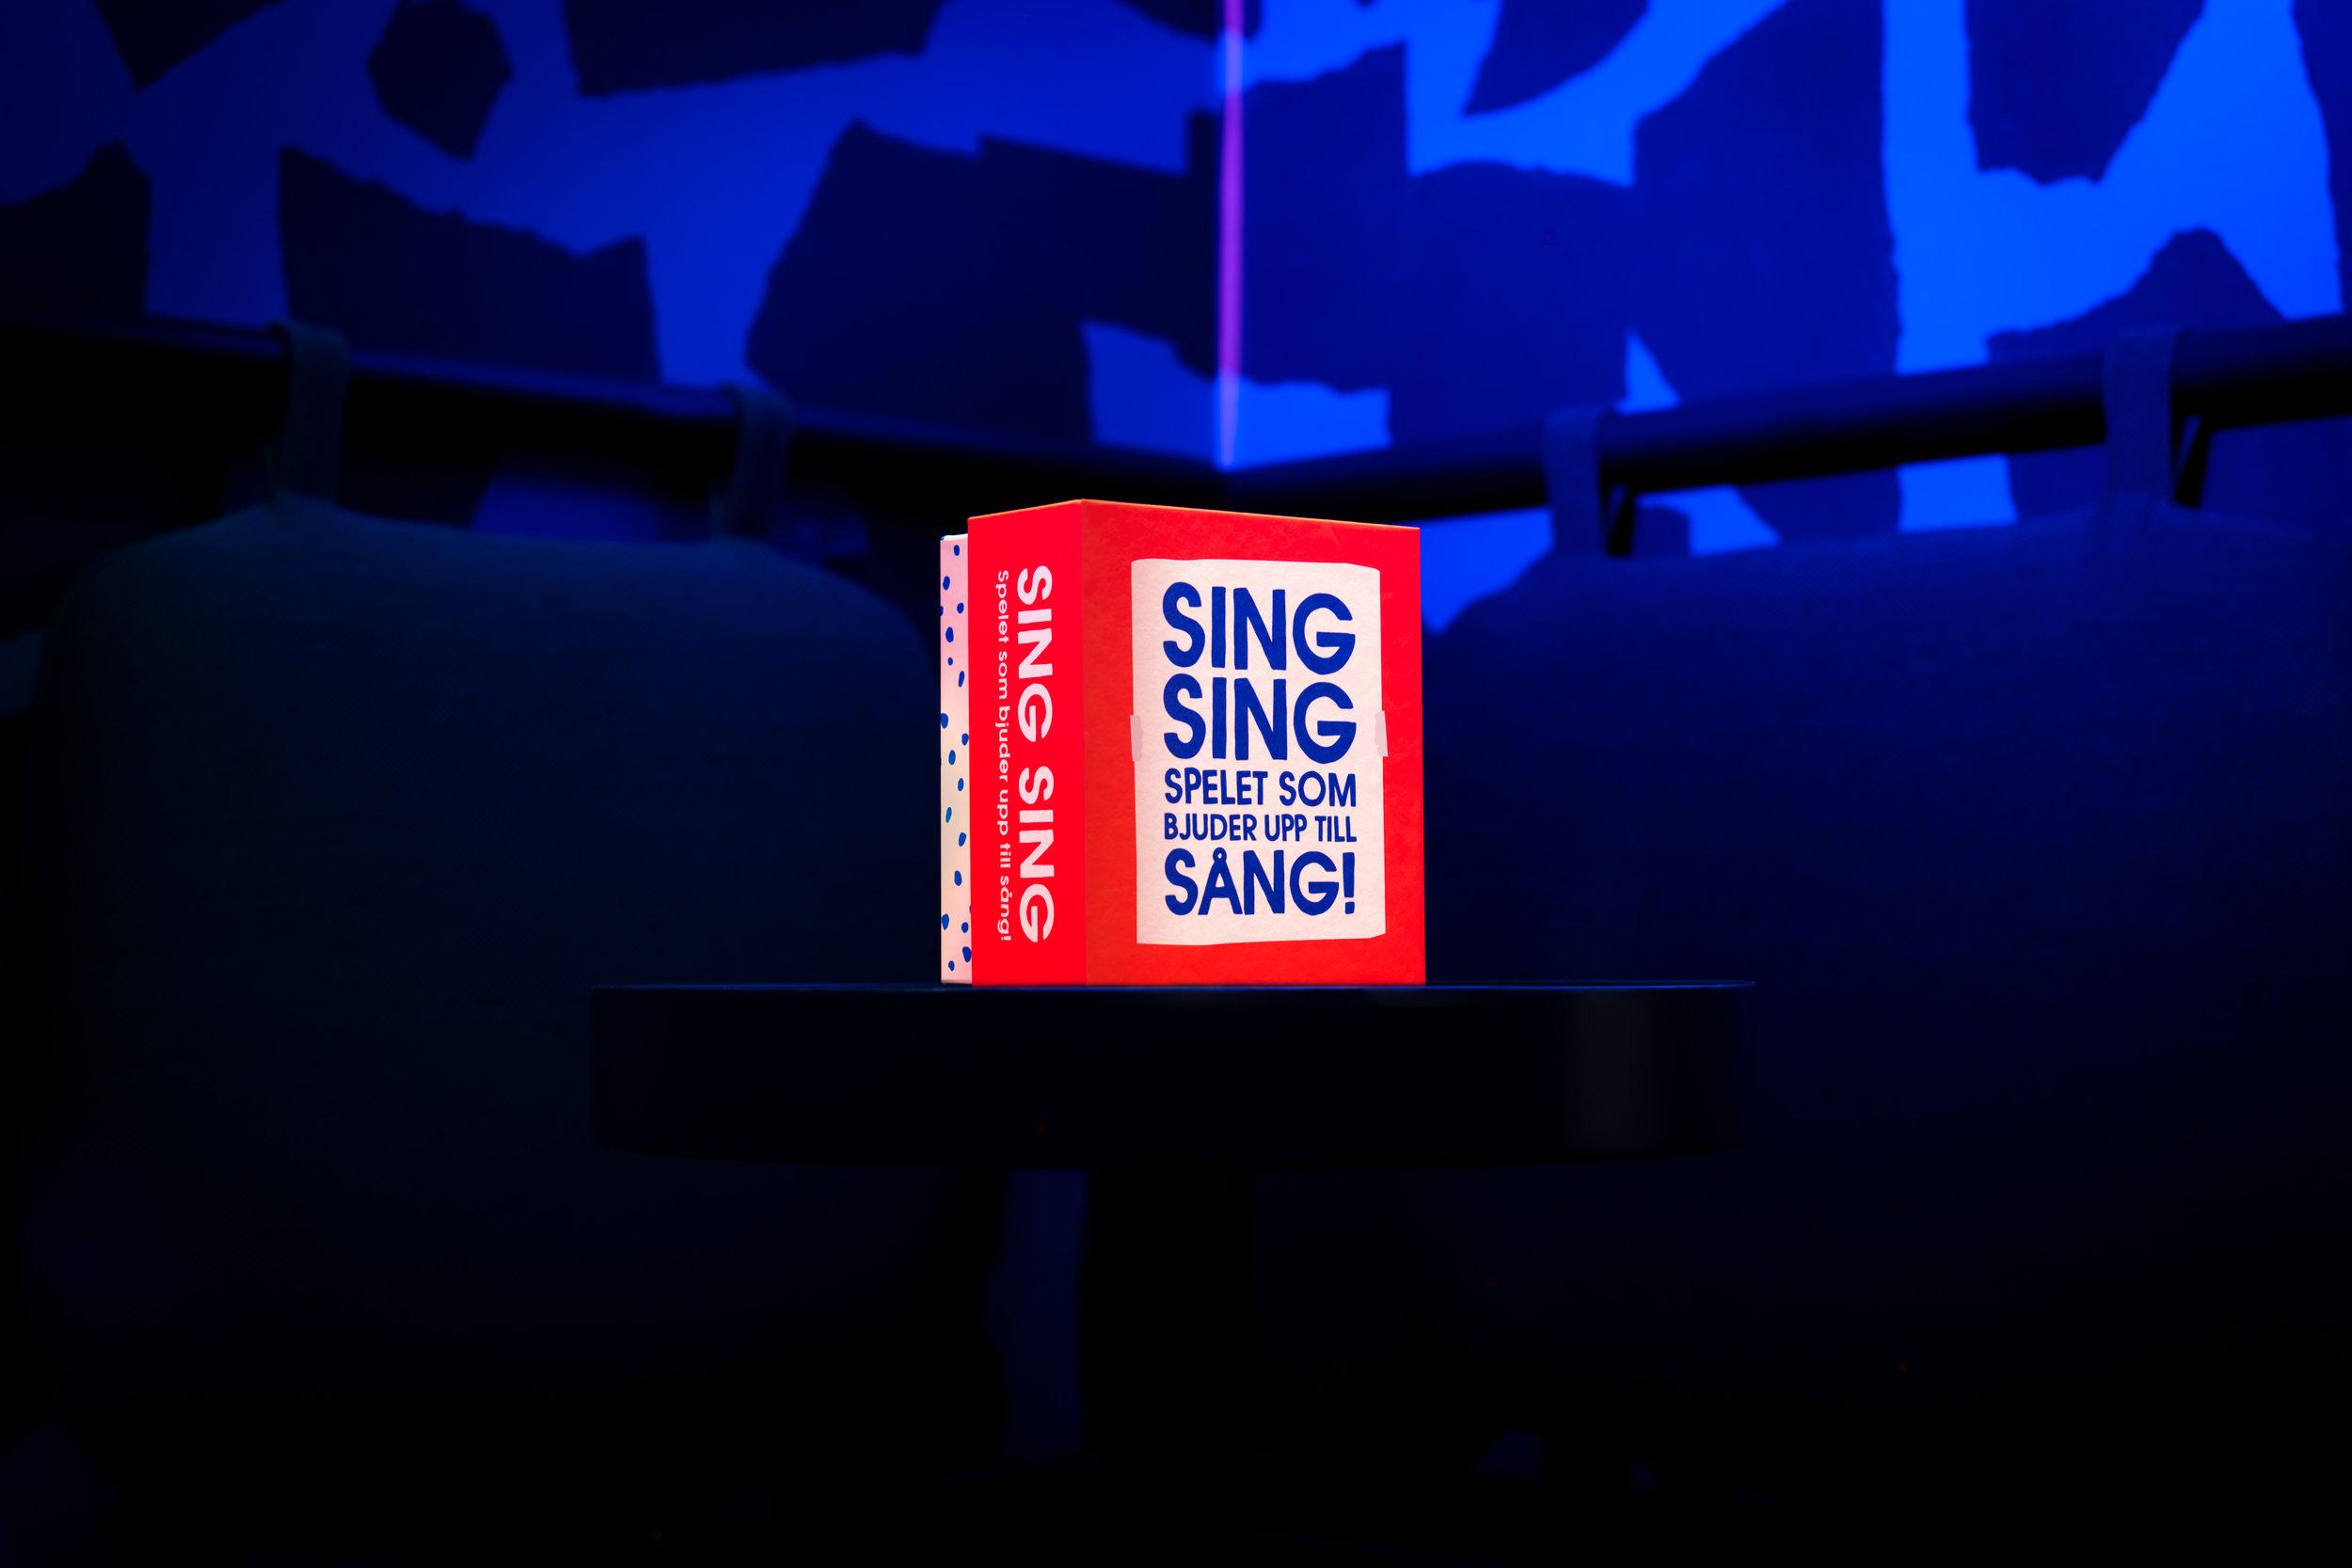 SingSing-0010_fixed.jpg